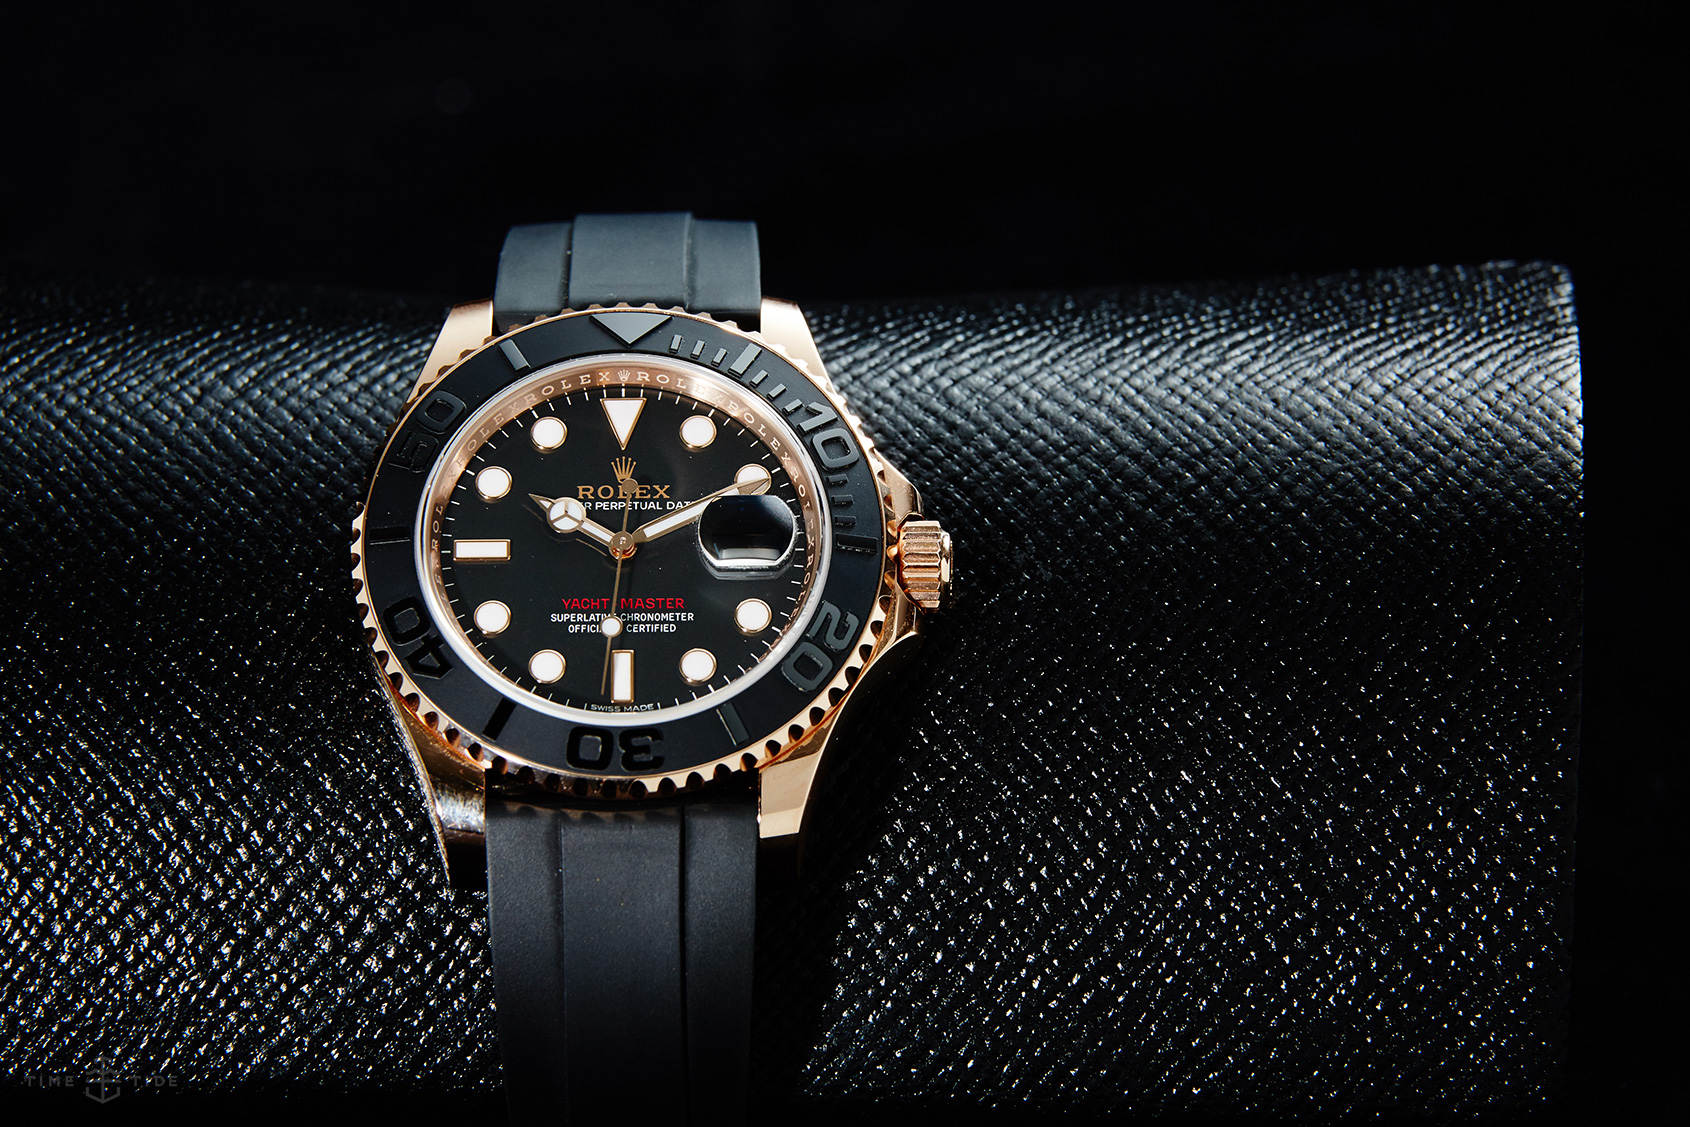 Rolex-yacht-master-116655-9